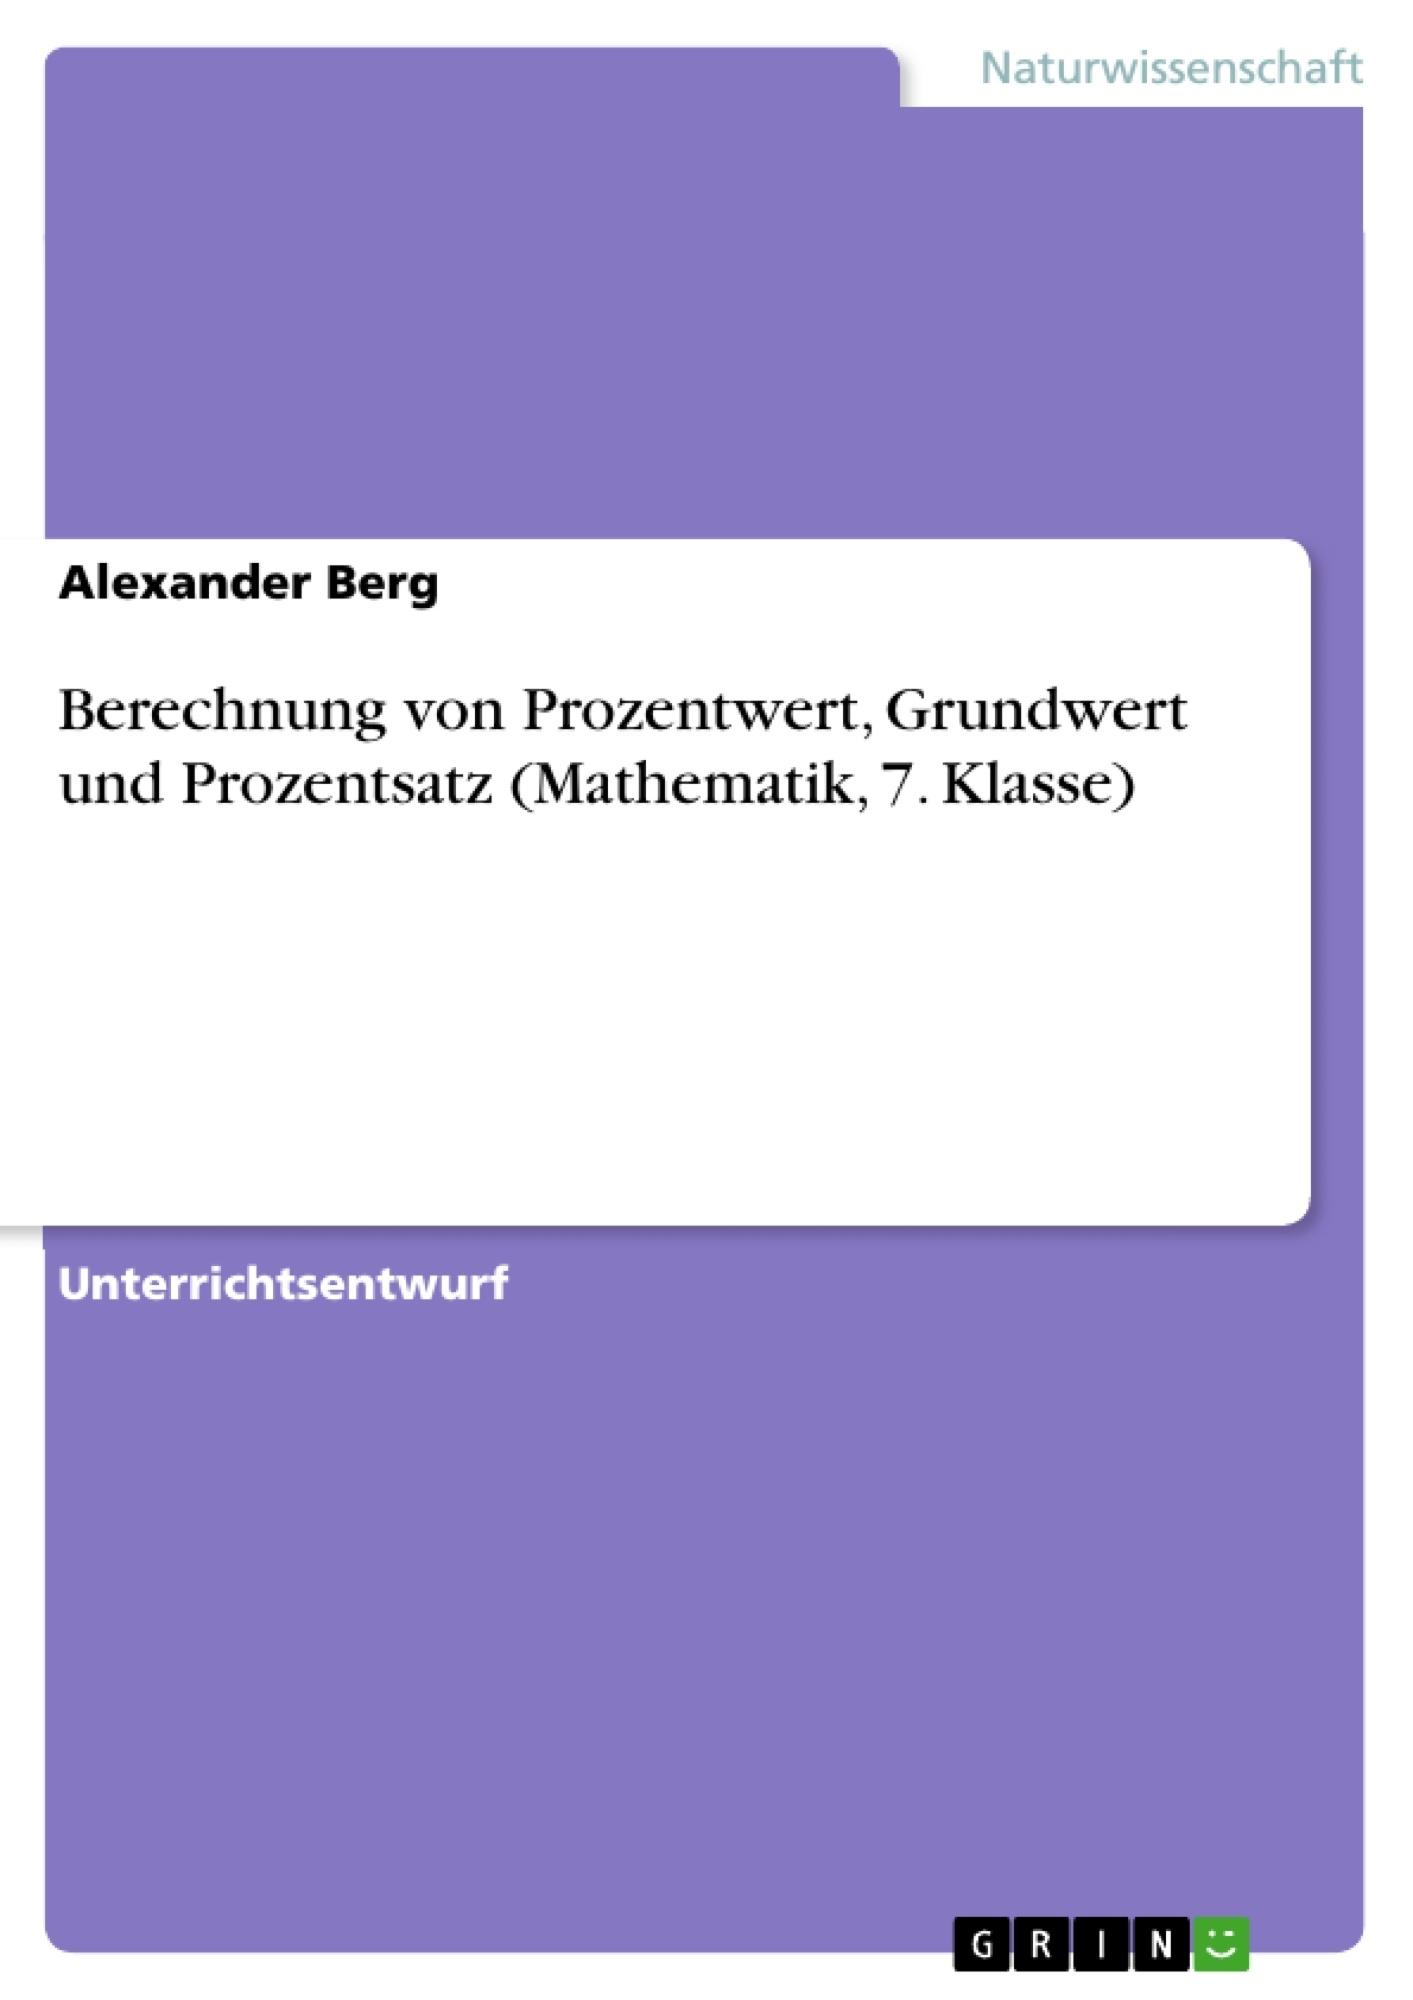 Titel: Berechnung von Prozentwert, Grundwert und Prozentsatz (Mathematik, 7. Klasse)